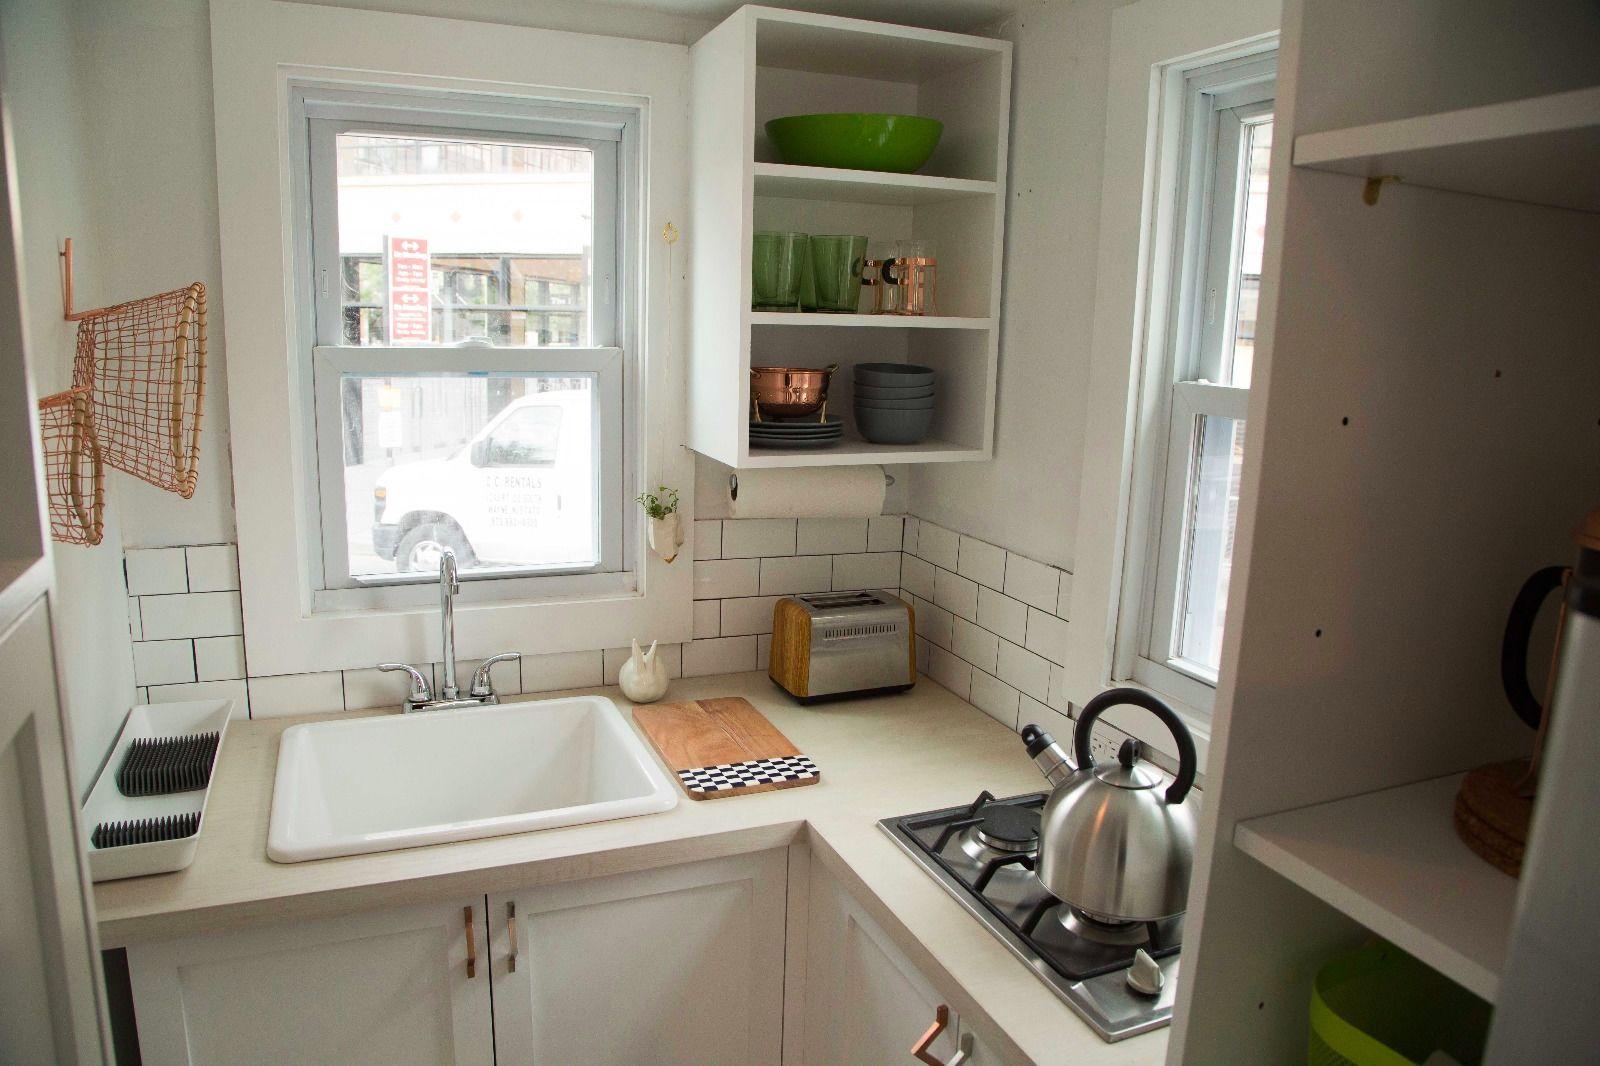 A Tiny Task Kitchen